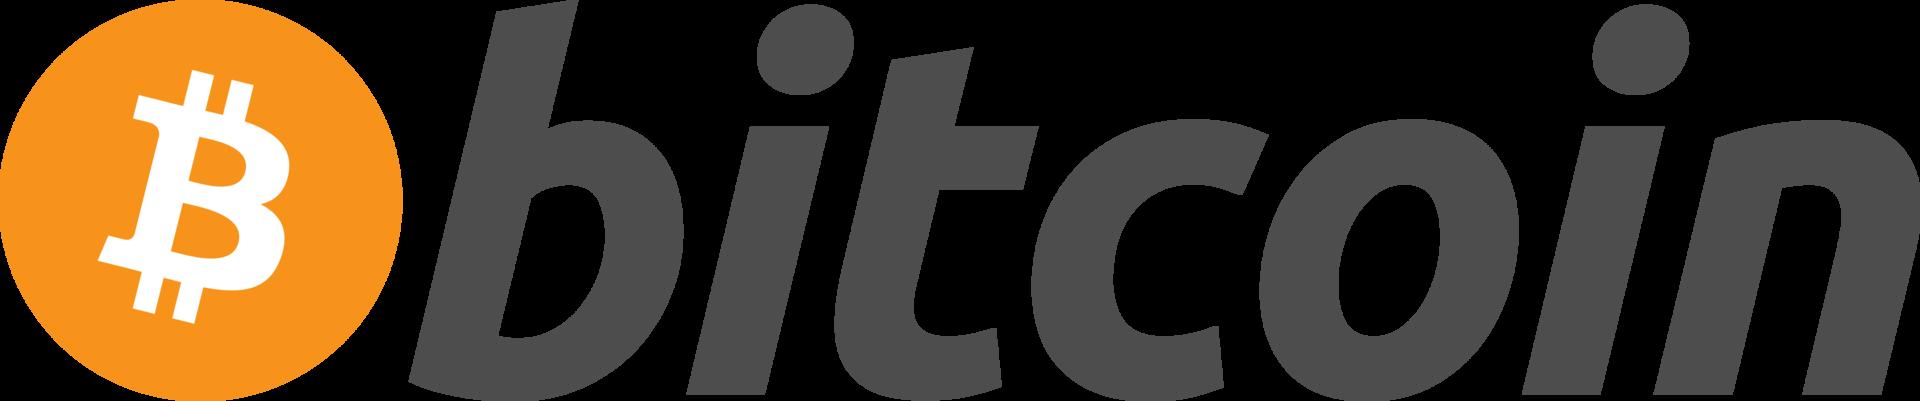 Как создать свою IT компанию: история Provectus IT